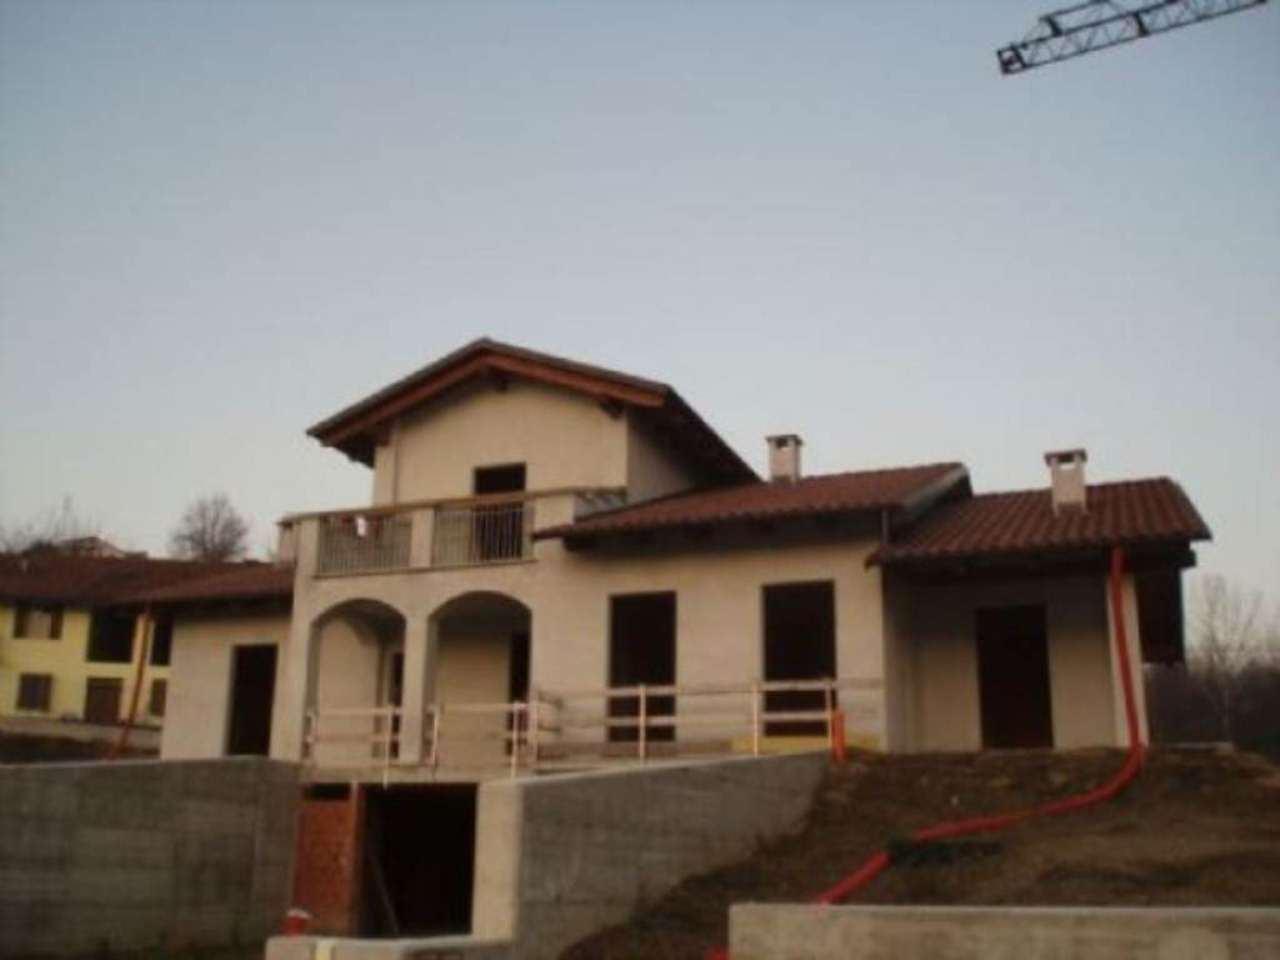 Villa in vendita a Monale, 5 locali, prezzo € 245.000 | CambioCasa.it